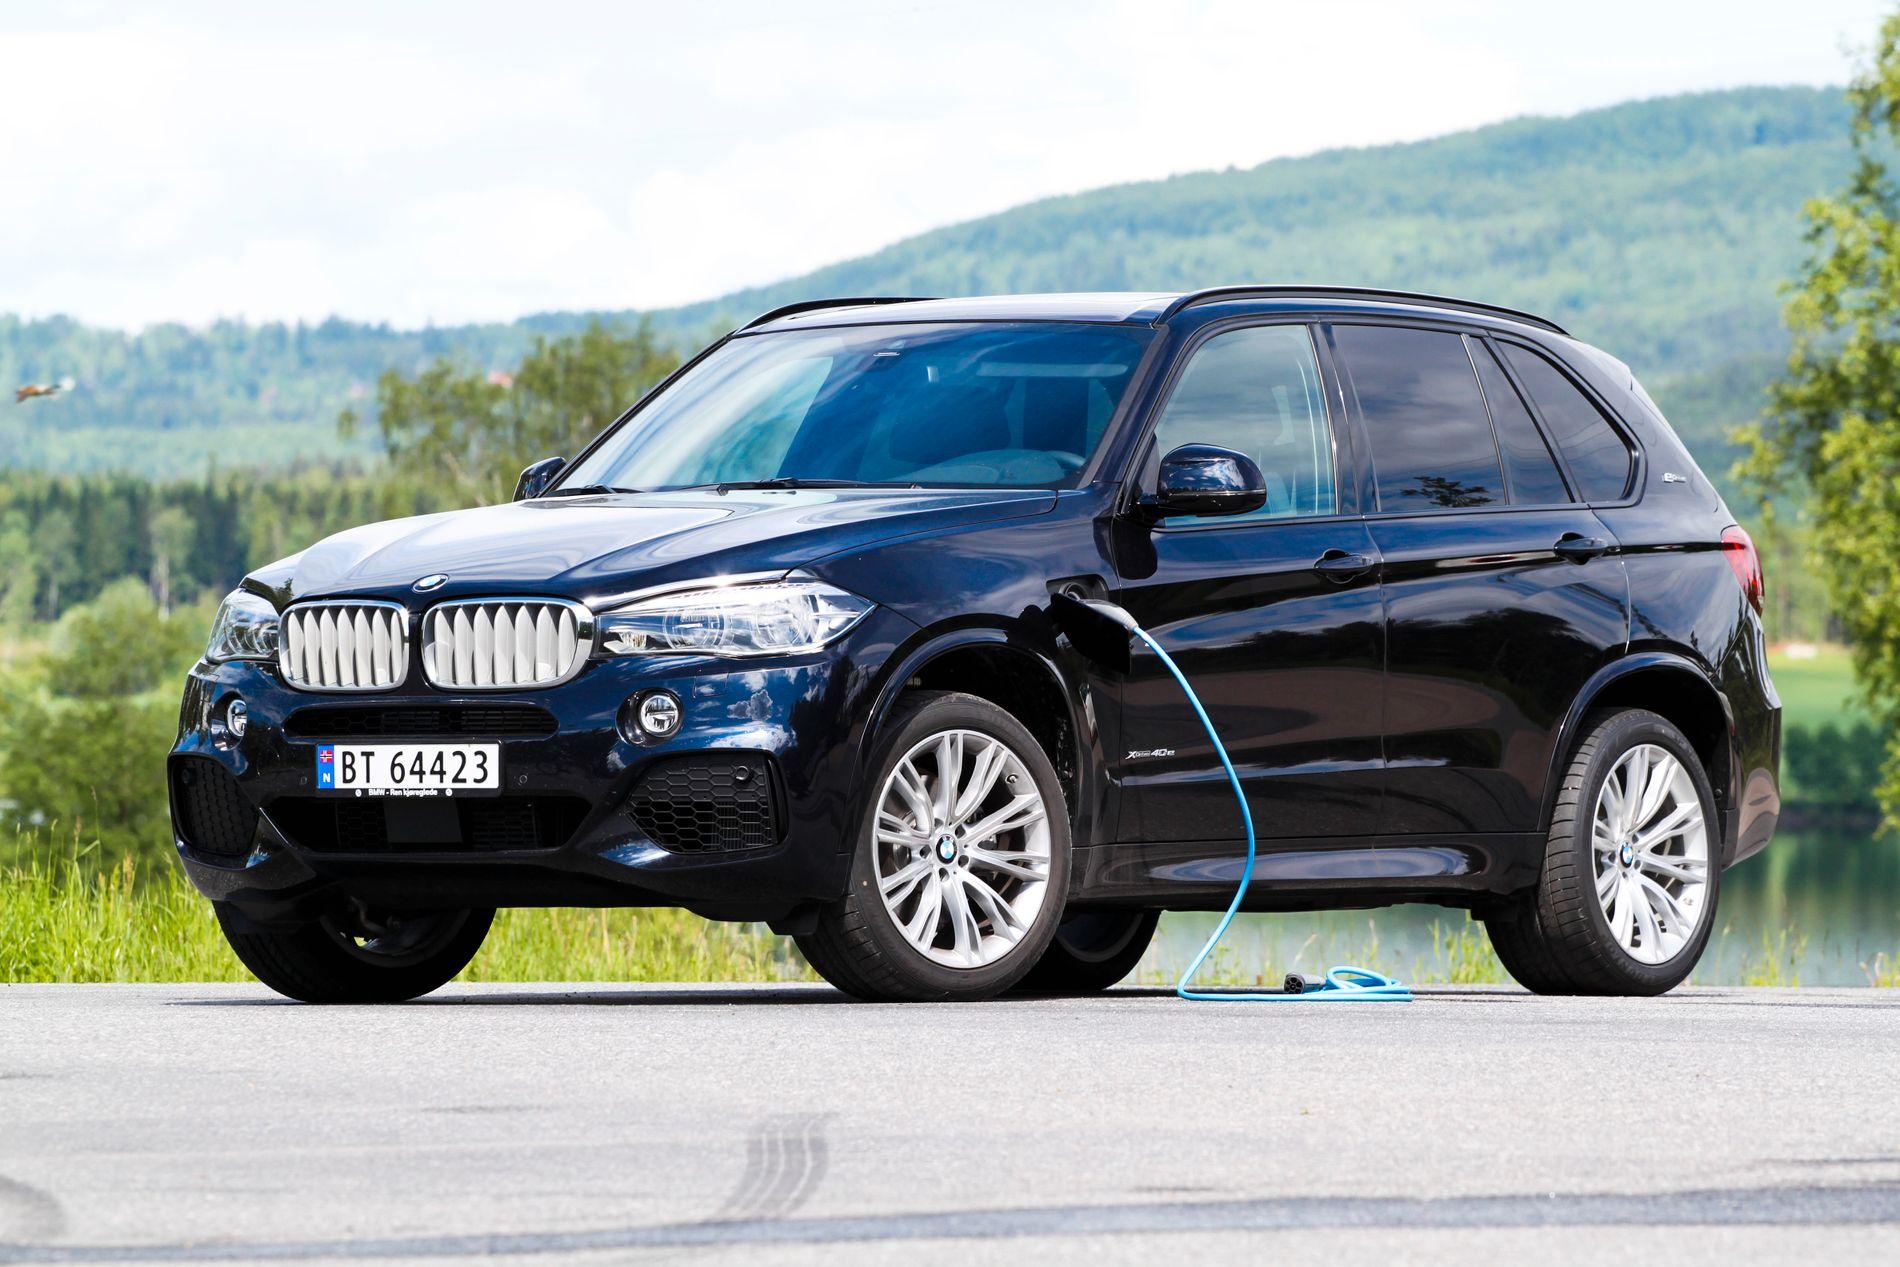 REKKER IKKE ALT: BMW X5 40e er en ladbar hybrid med begrenset elektrisk rekkevidde. Bilen straffes derfor med høy rekkeviddeavgift.